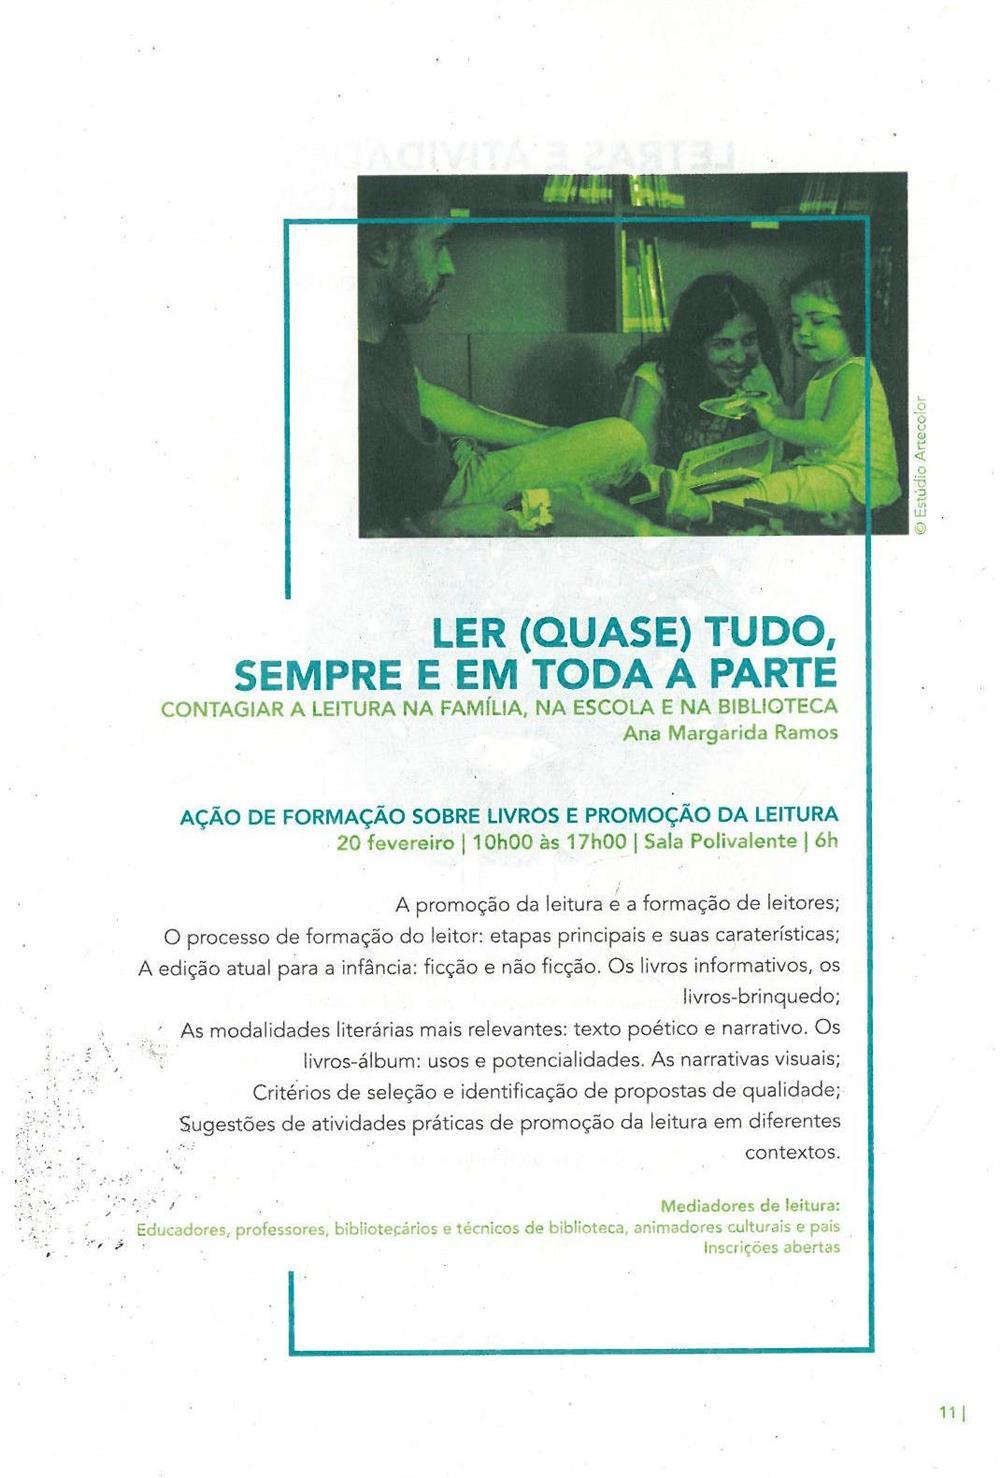 ACMSV-jan.,fev.,mar.'16-p.11-Ler quase tudo, sempre e em toda a parte : contagiar a leitura na família, na escola e na biblioteca.jpg